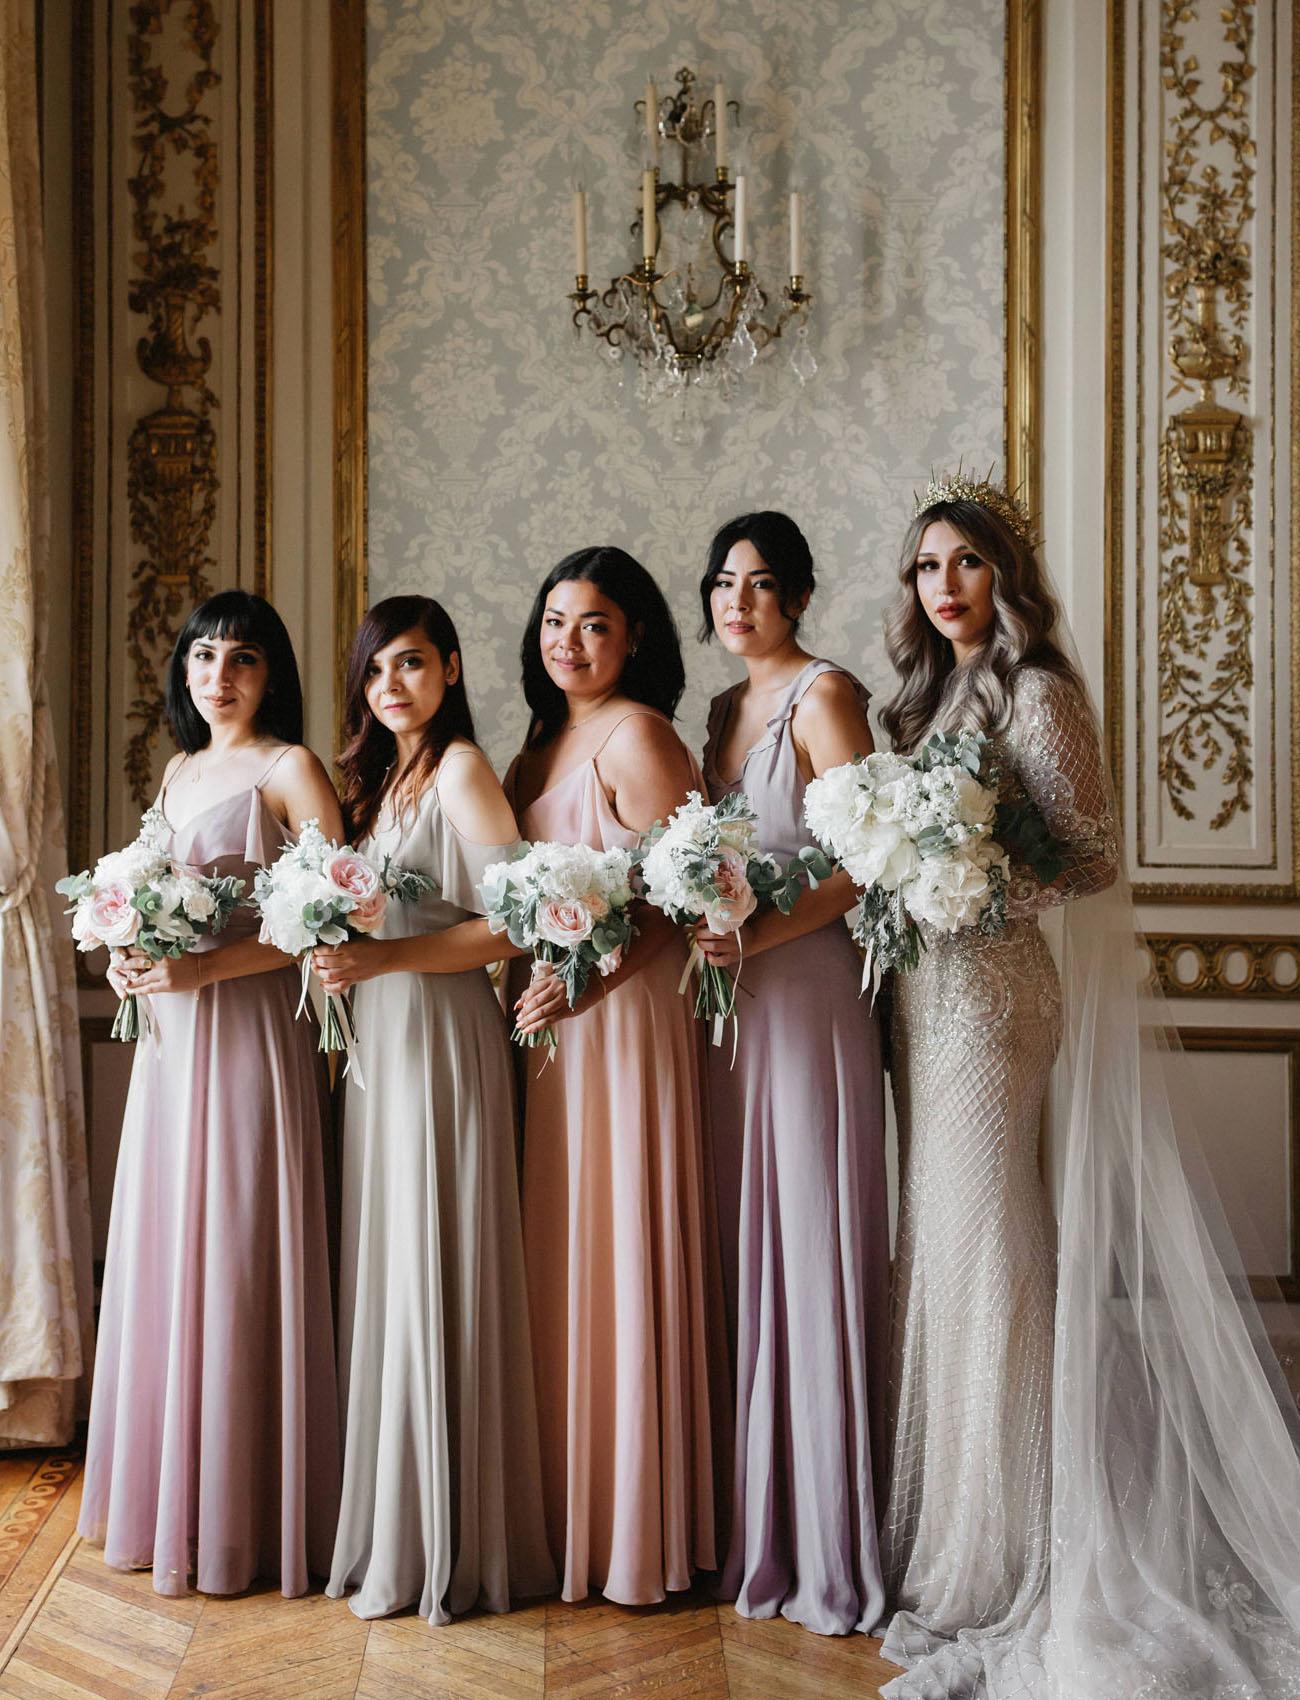 Antoinette poluch wedding